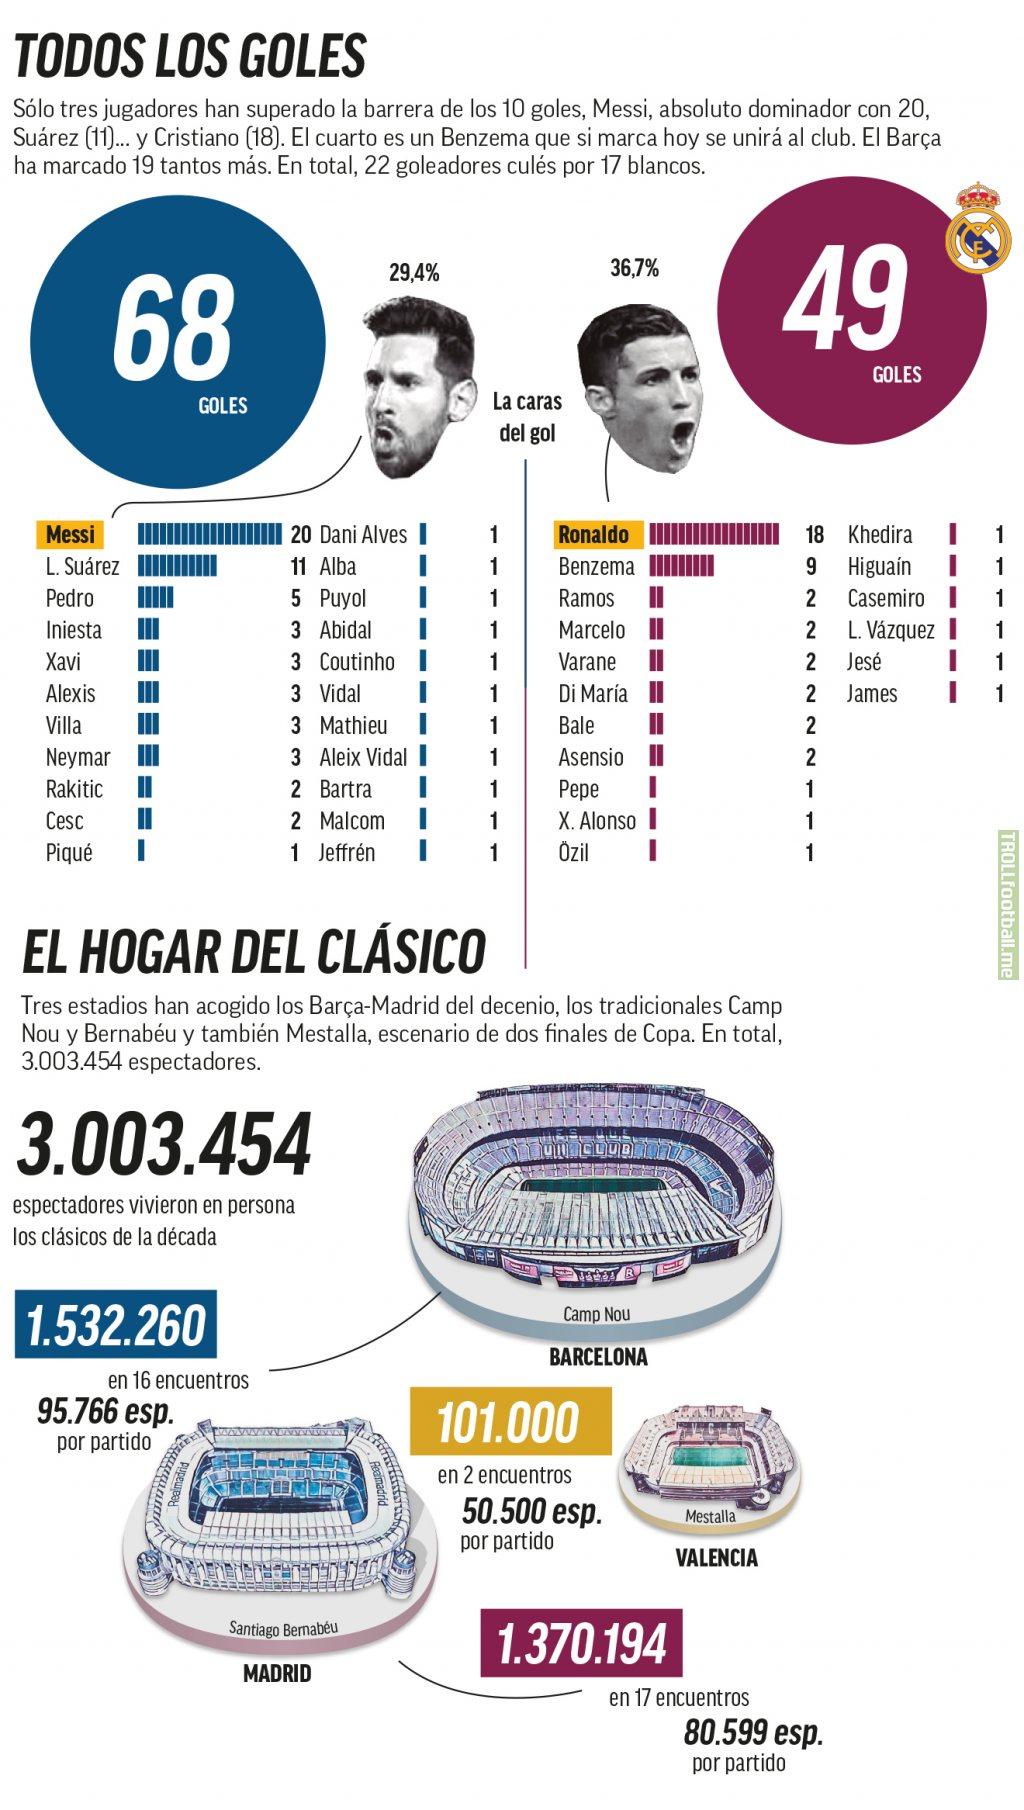 El Classic goals and assists from 2010s (Messi 20, Suarez 11, Ronaldo 18, Benzema 9.)